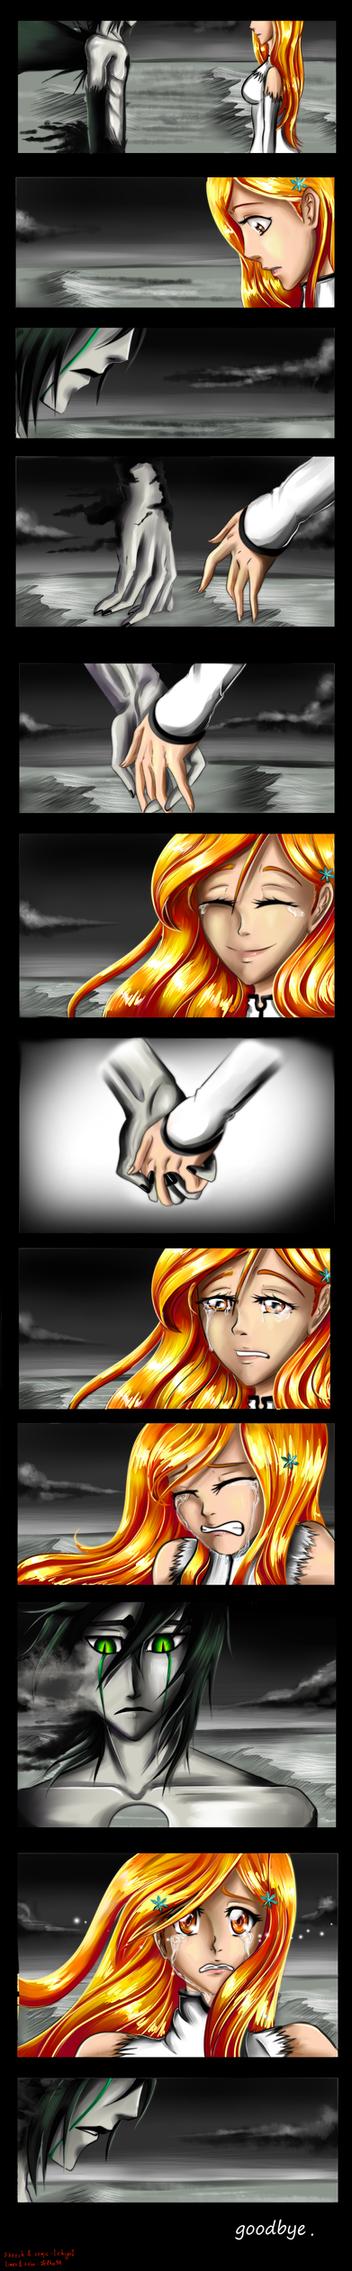 Ulquihime the last goodbye by zelka94